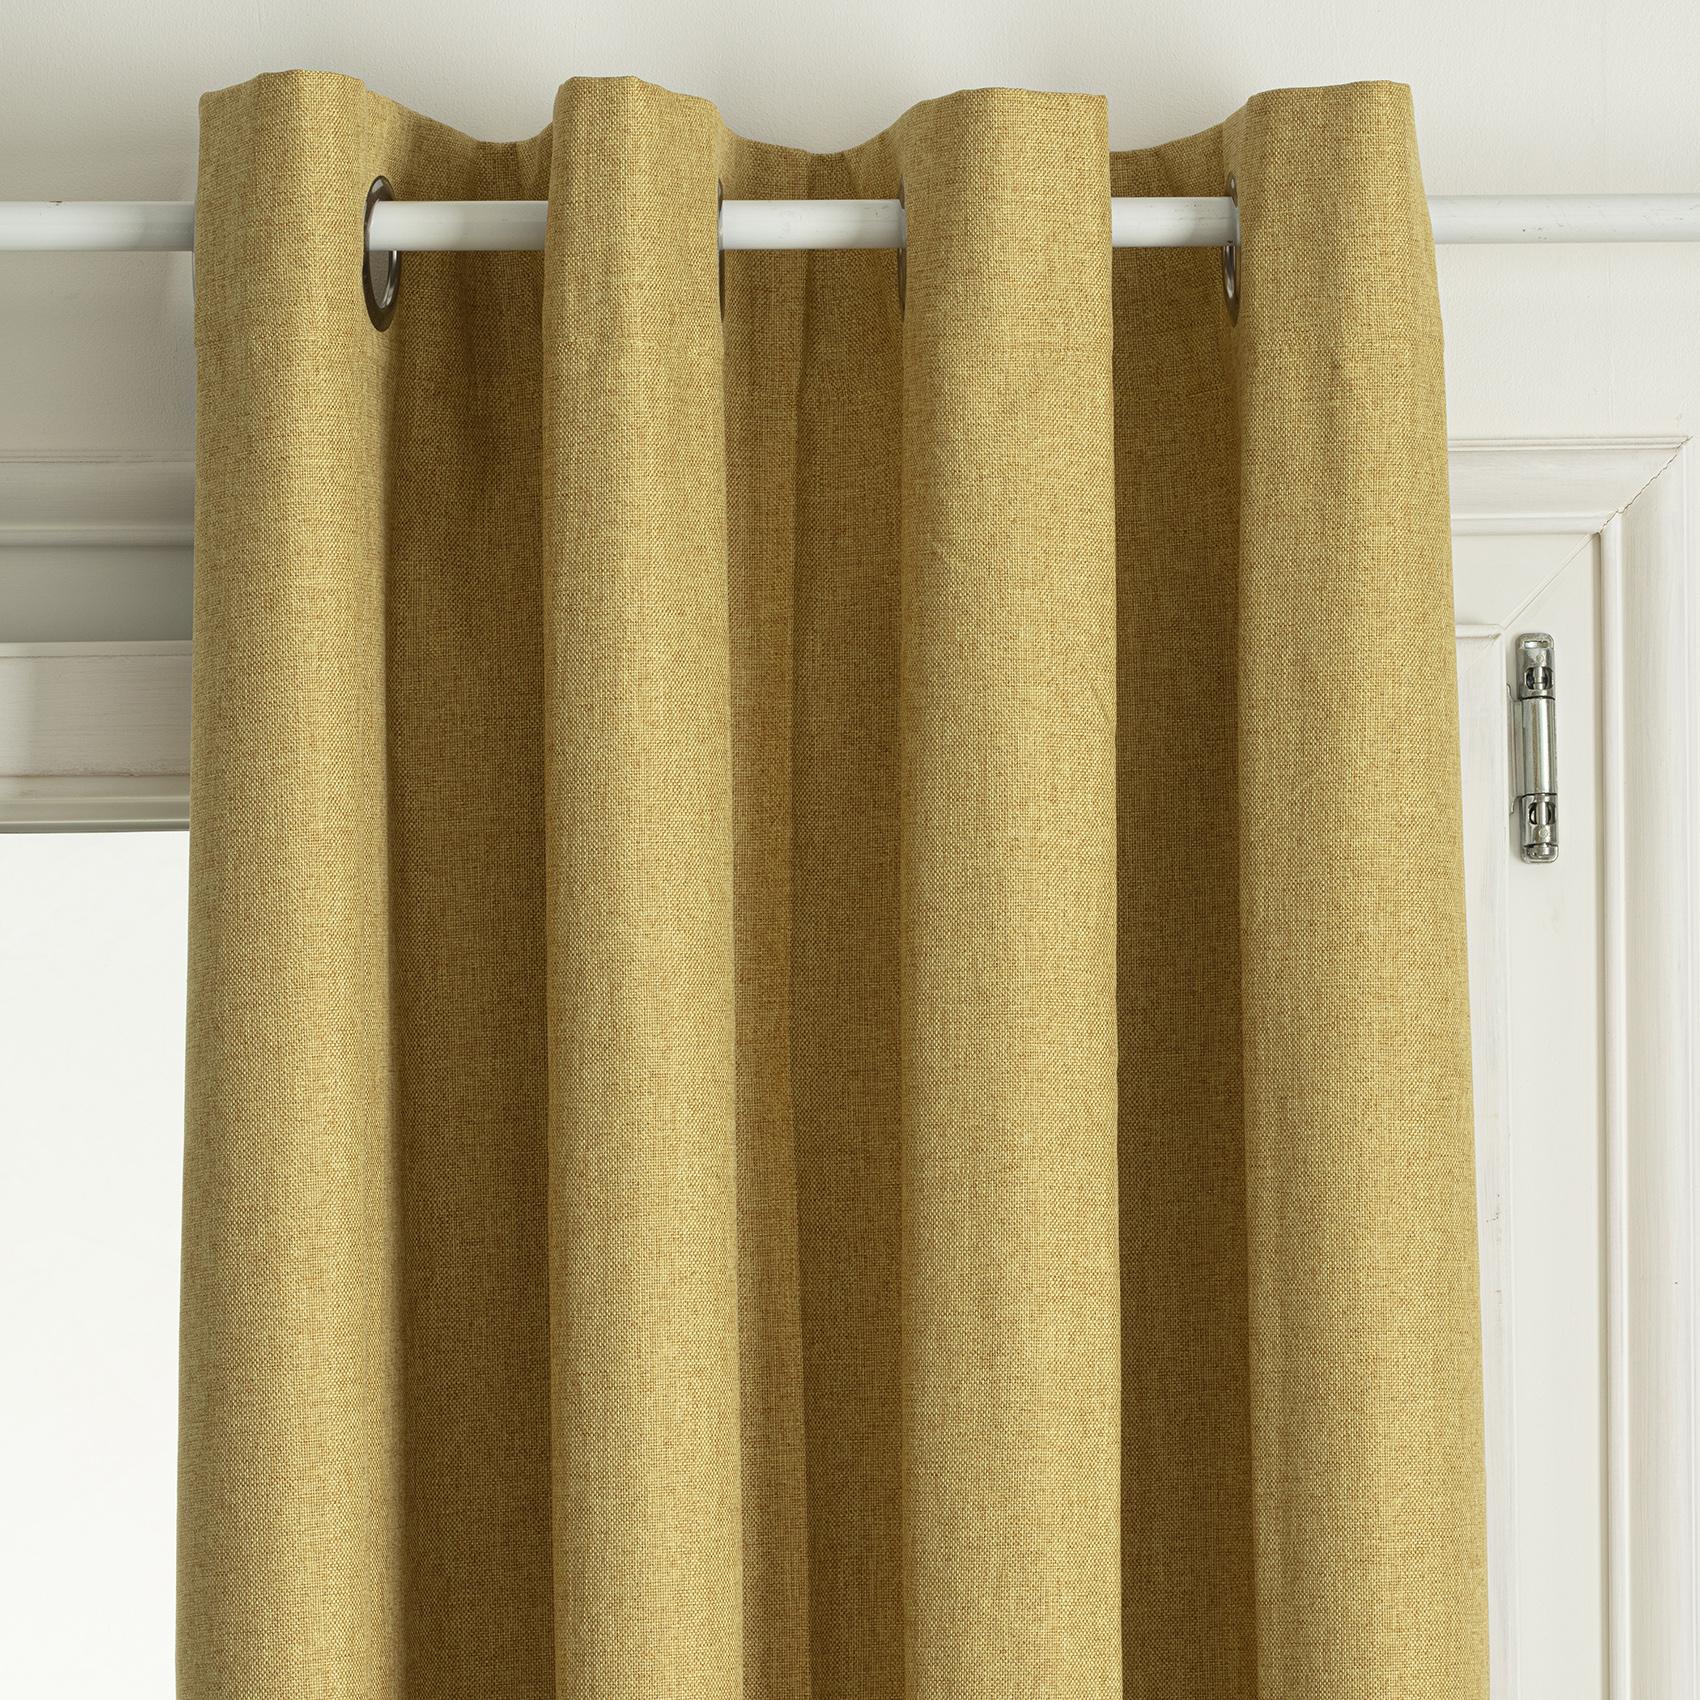 Rideau occultant total avec couche d'enduit polyester ocre 260x140